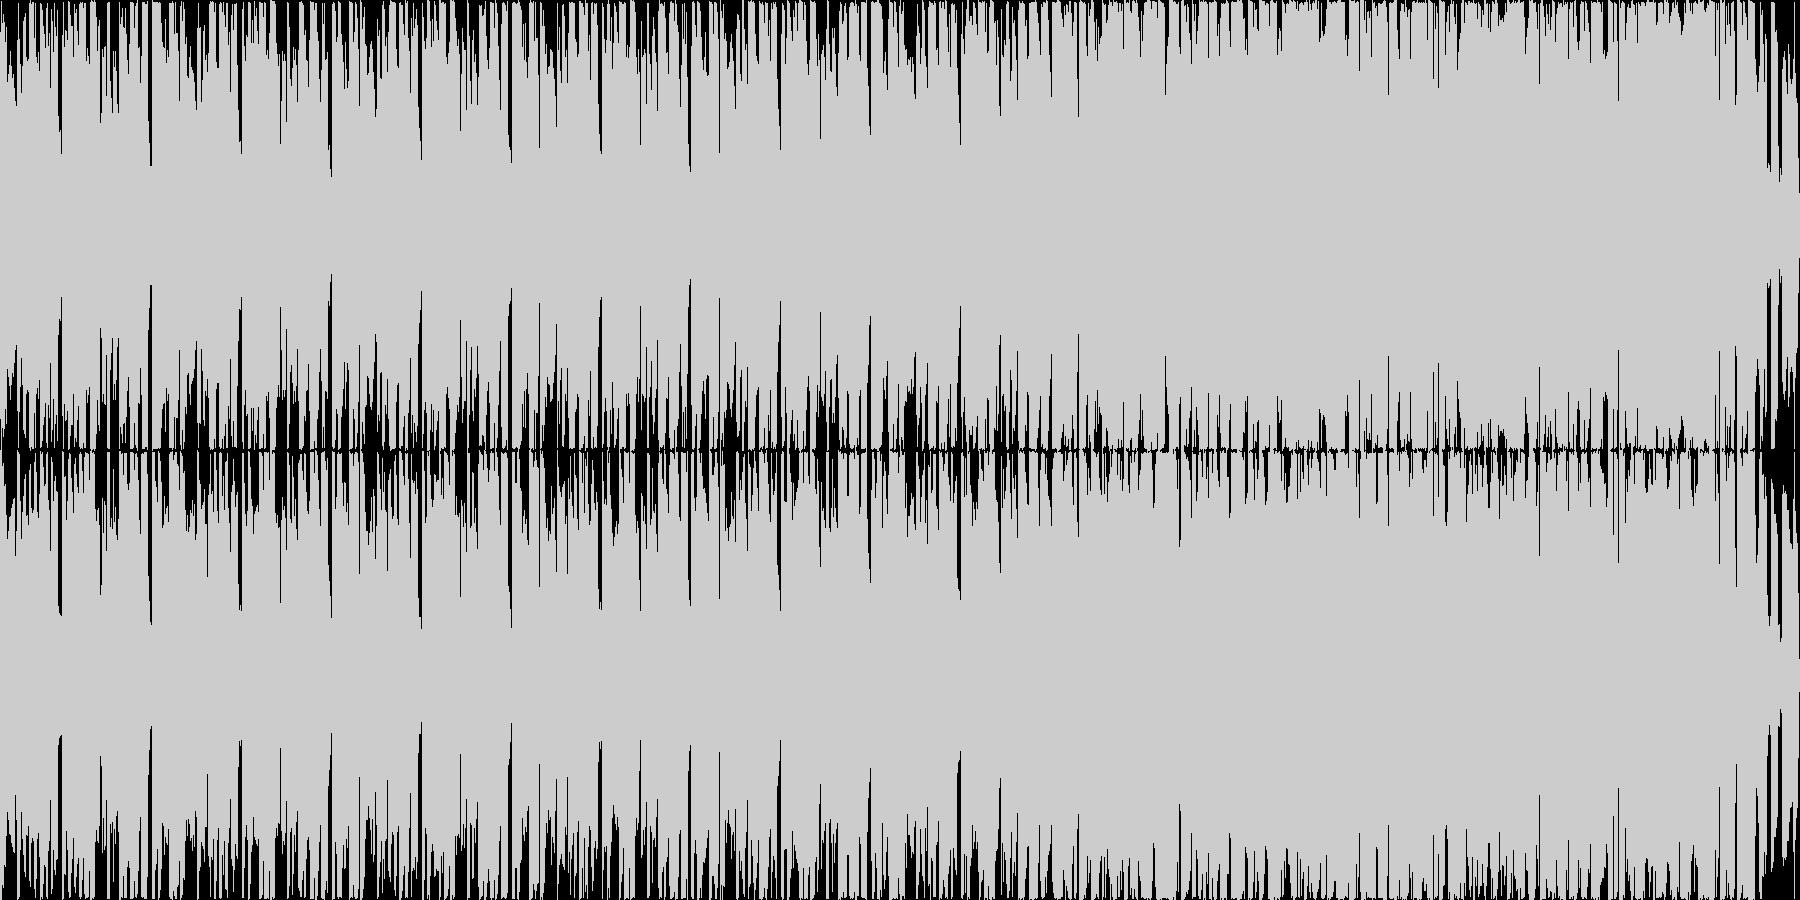 だんだんとリズミカルになるボサノバの未再生の波形